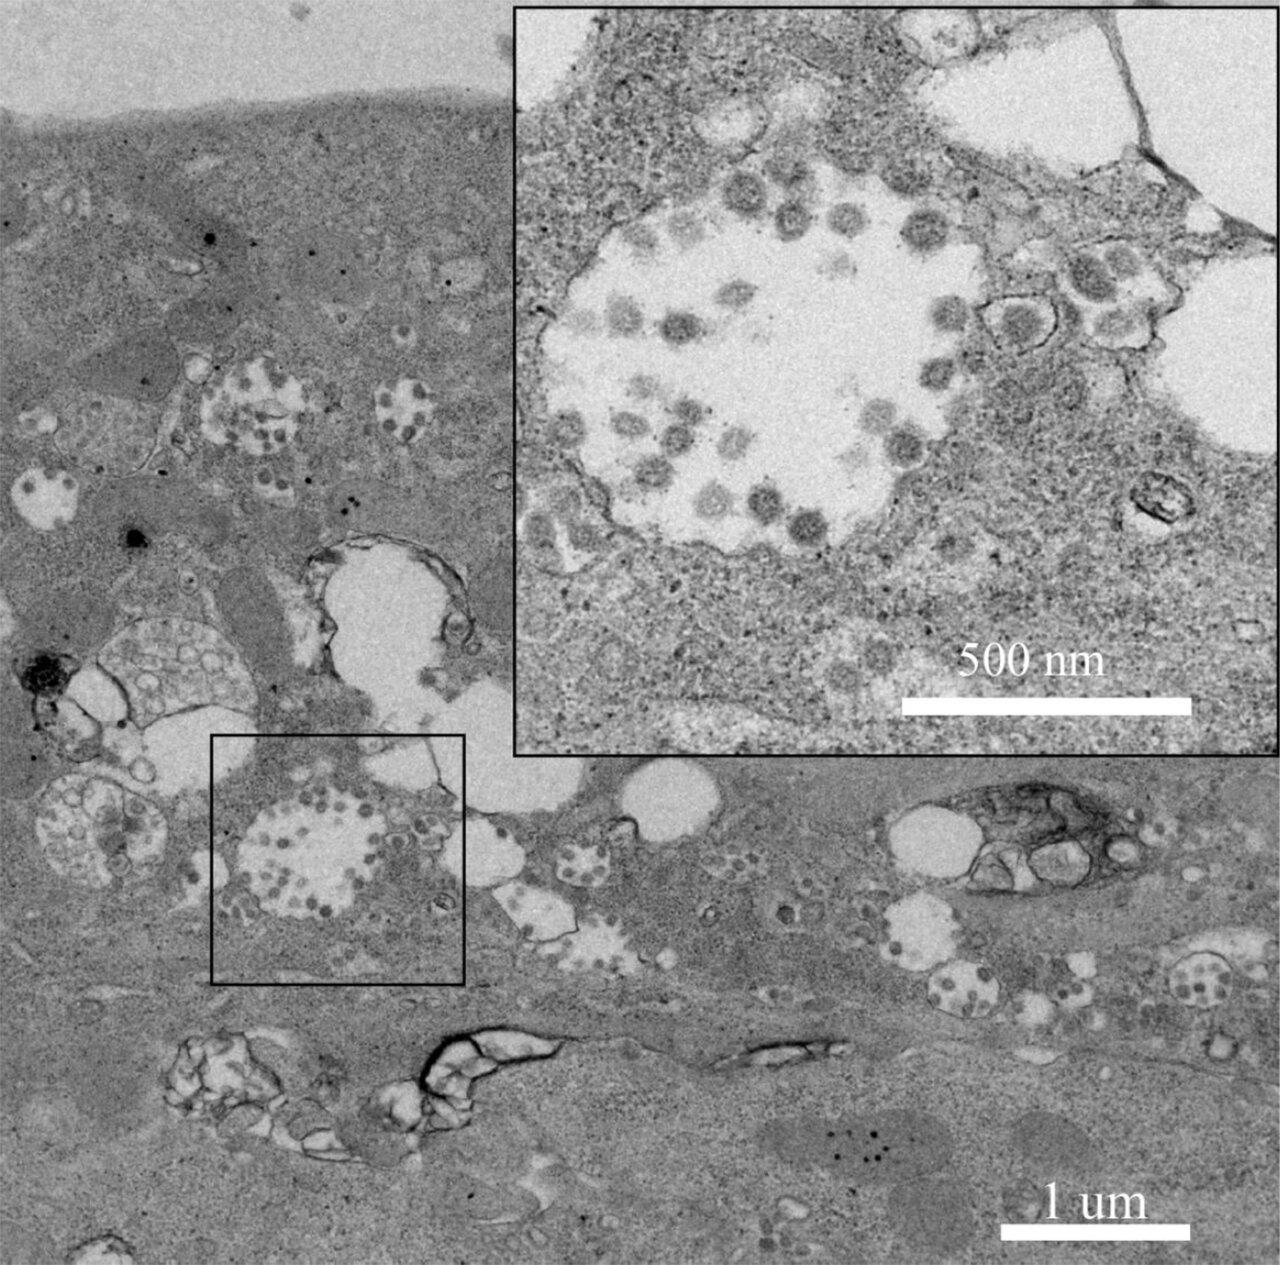 коронавирусы возбудитель атипичной пневмонии